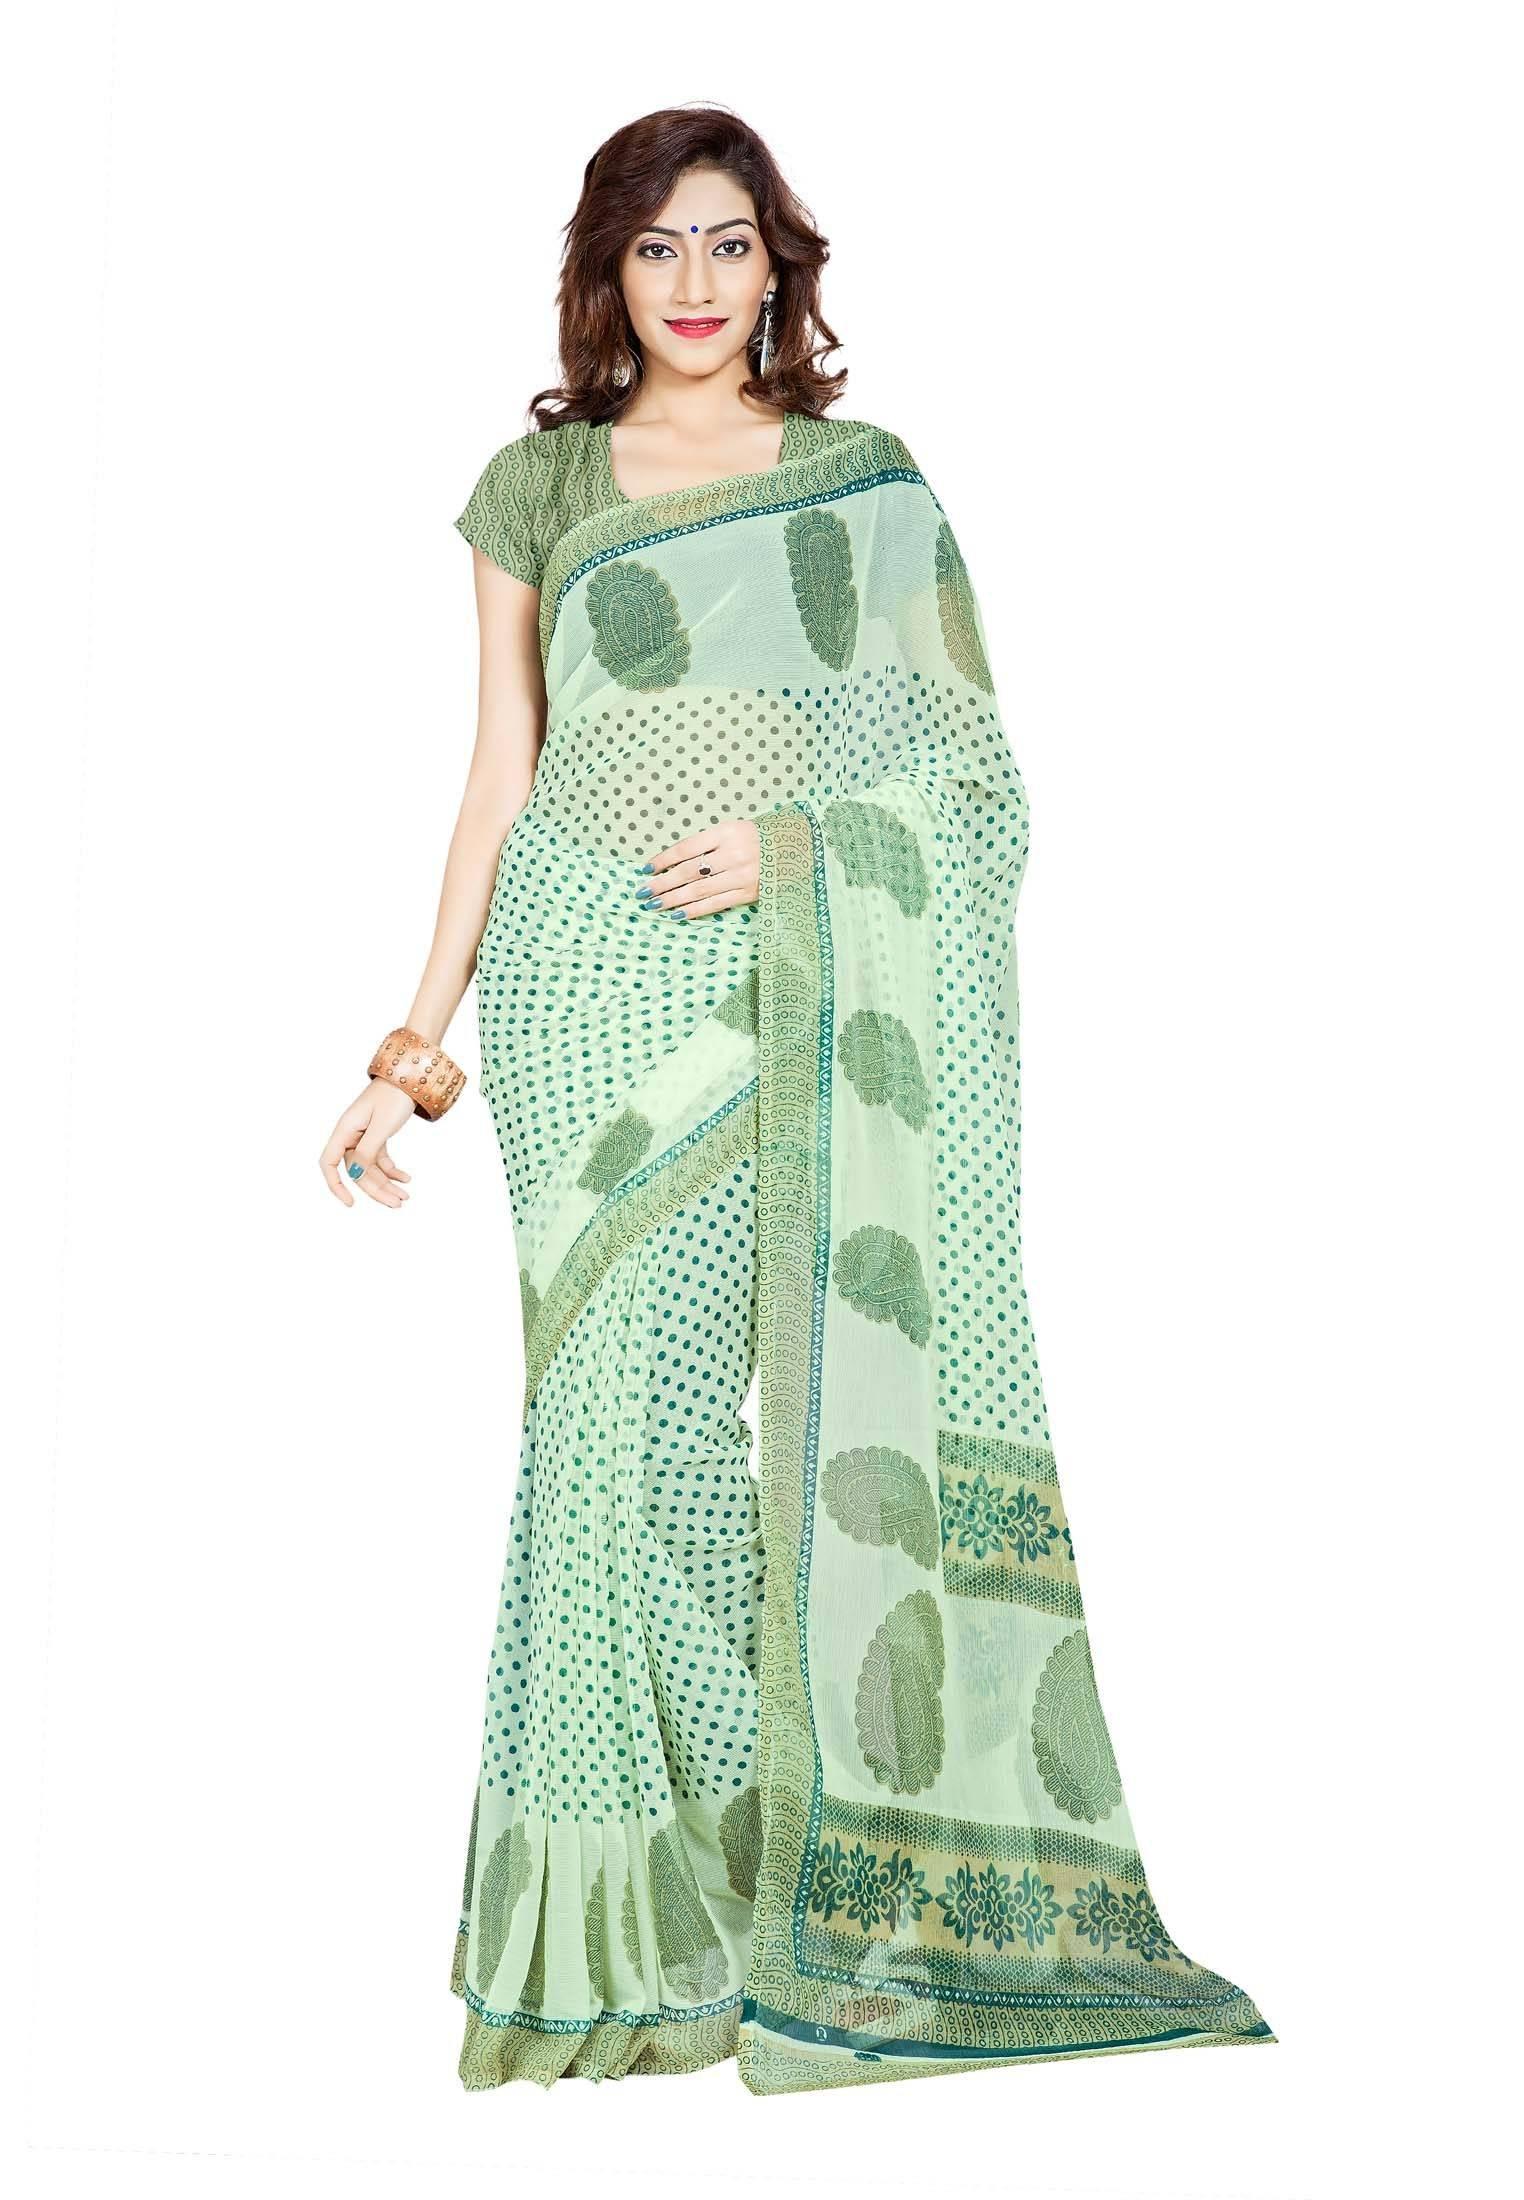 Ambaji Casual Wear Sea Green Colored Printed Chiffon Saree/Sari